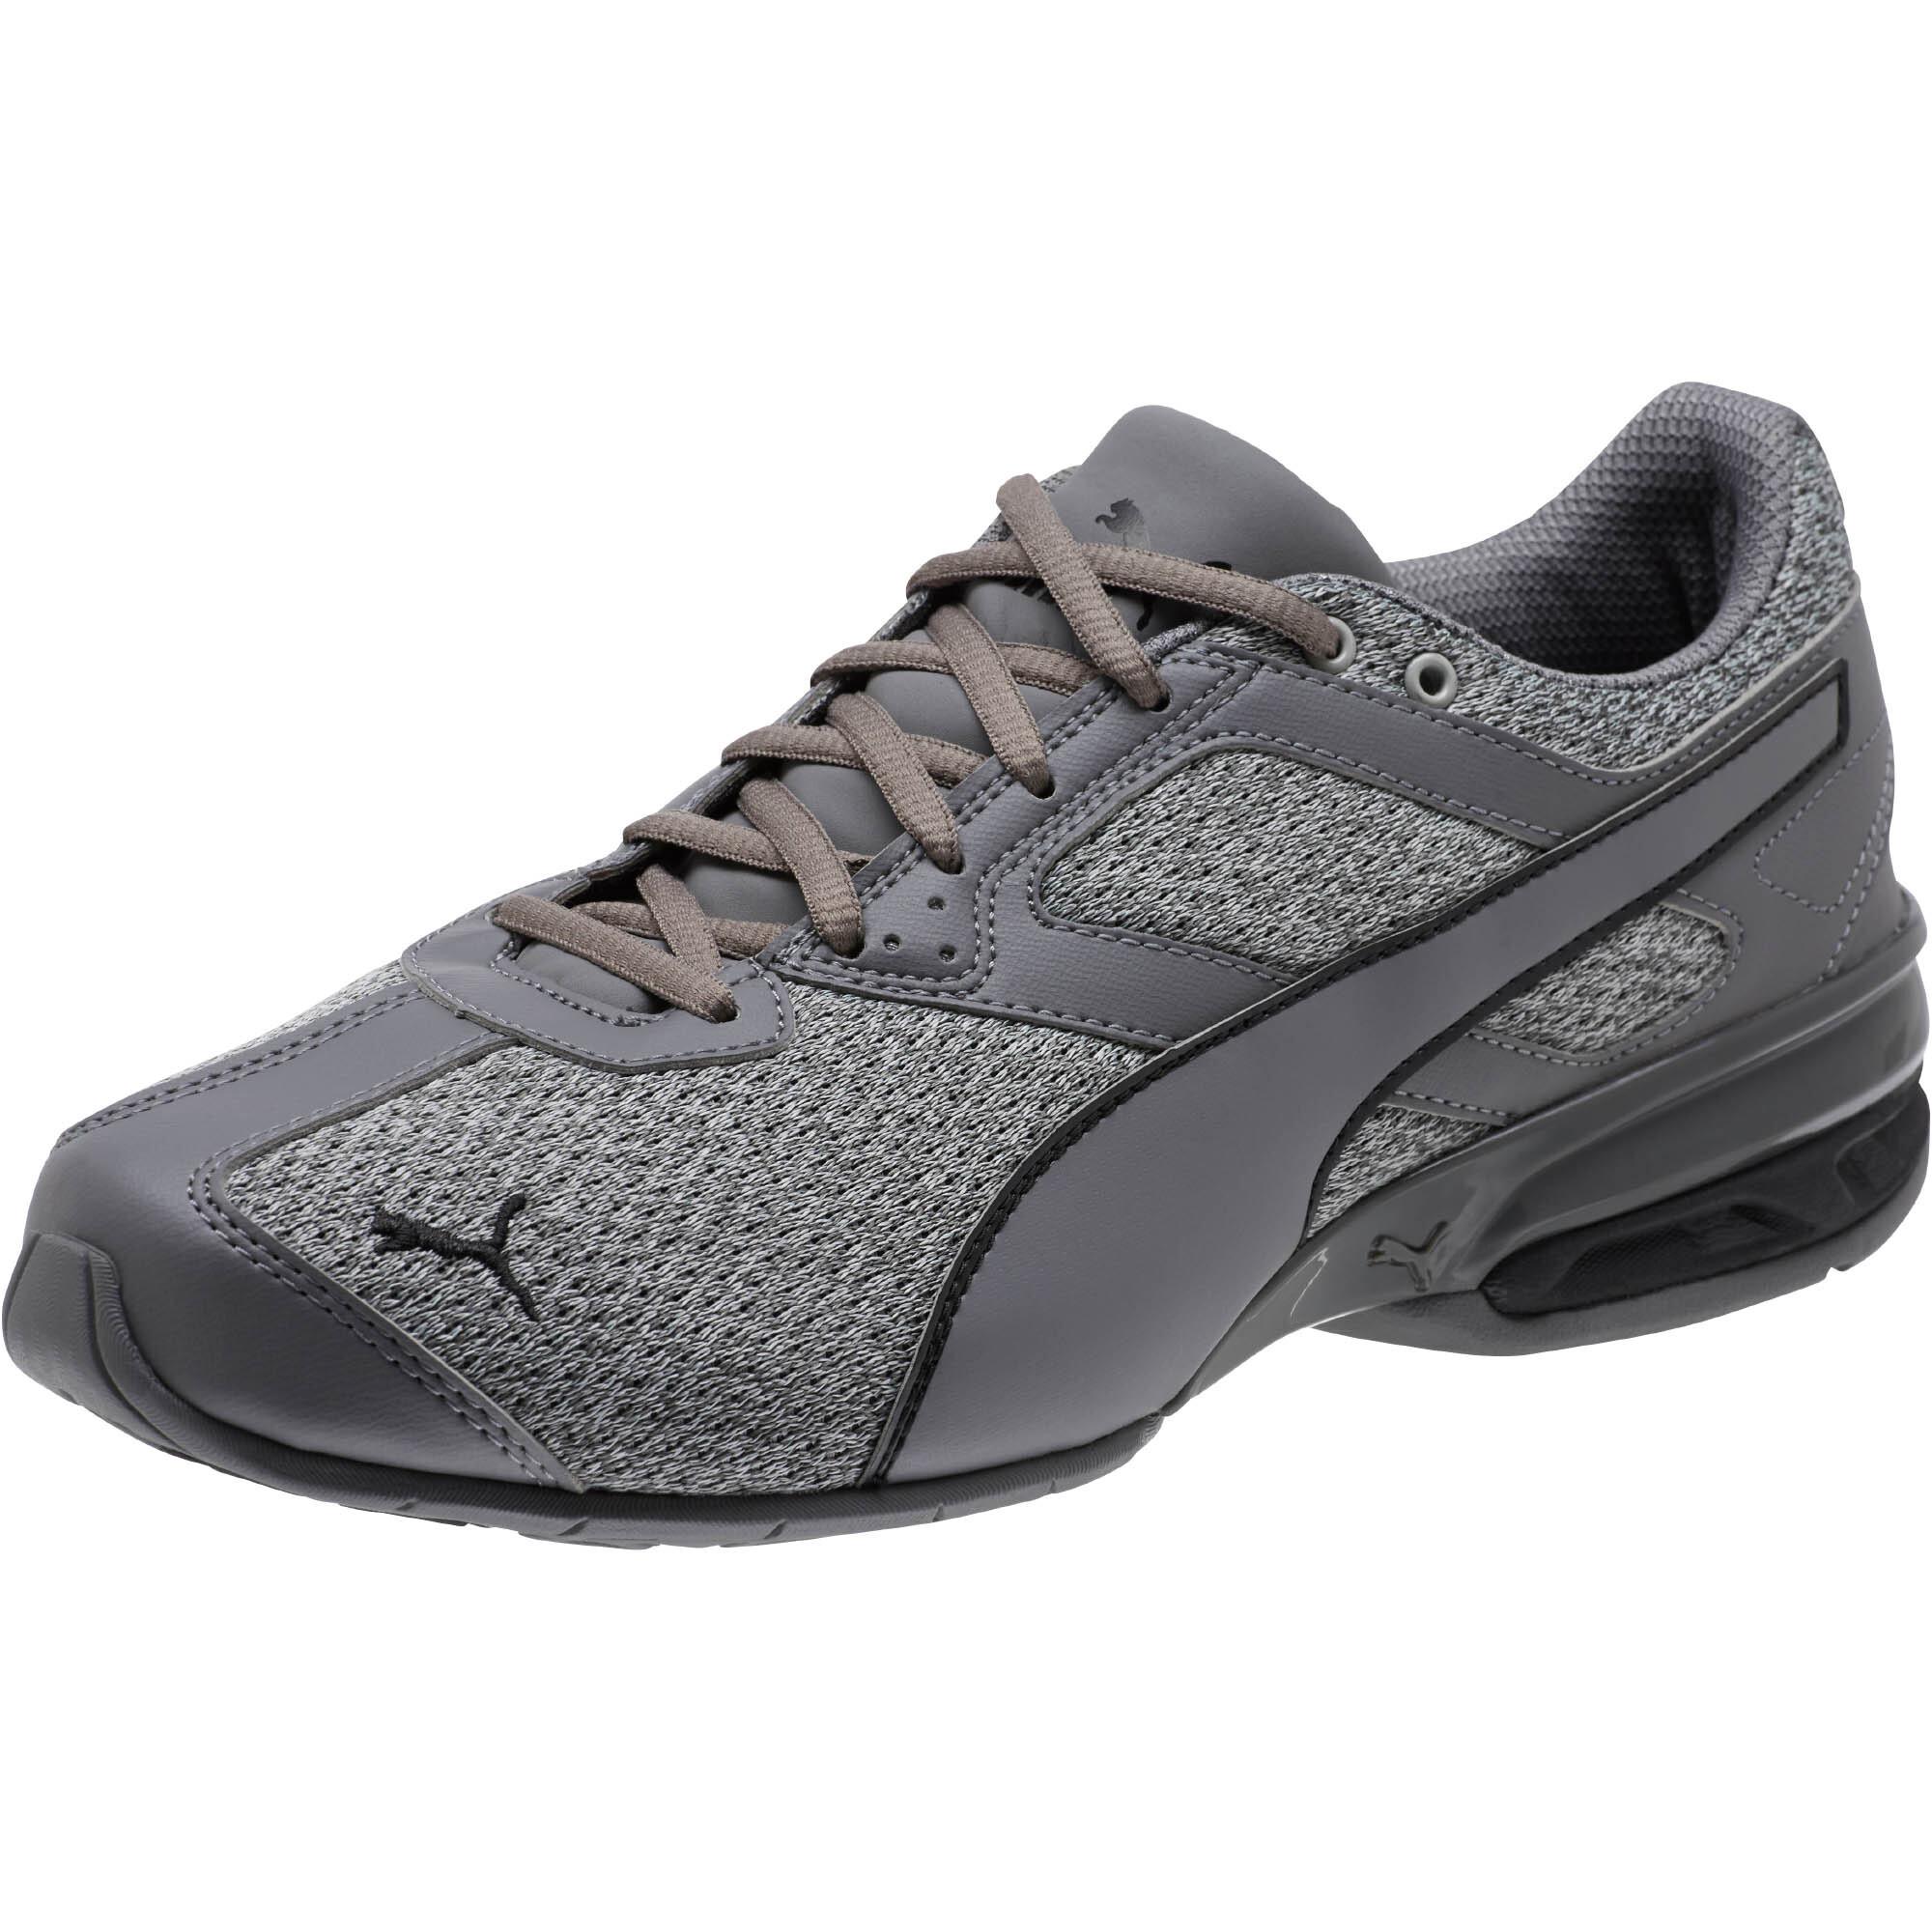 Puma-Tazon-6-Lavorato-a-Maglia-Uomo-Scarpe-da-ginnastica-Uomo-scarpa-in-esecuzione miniatura 9